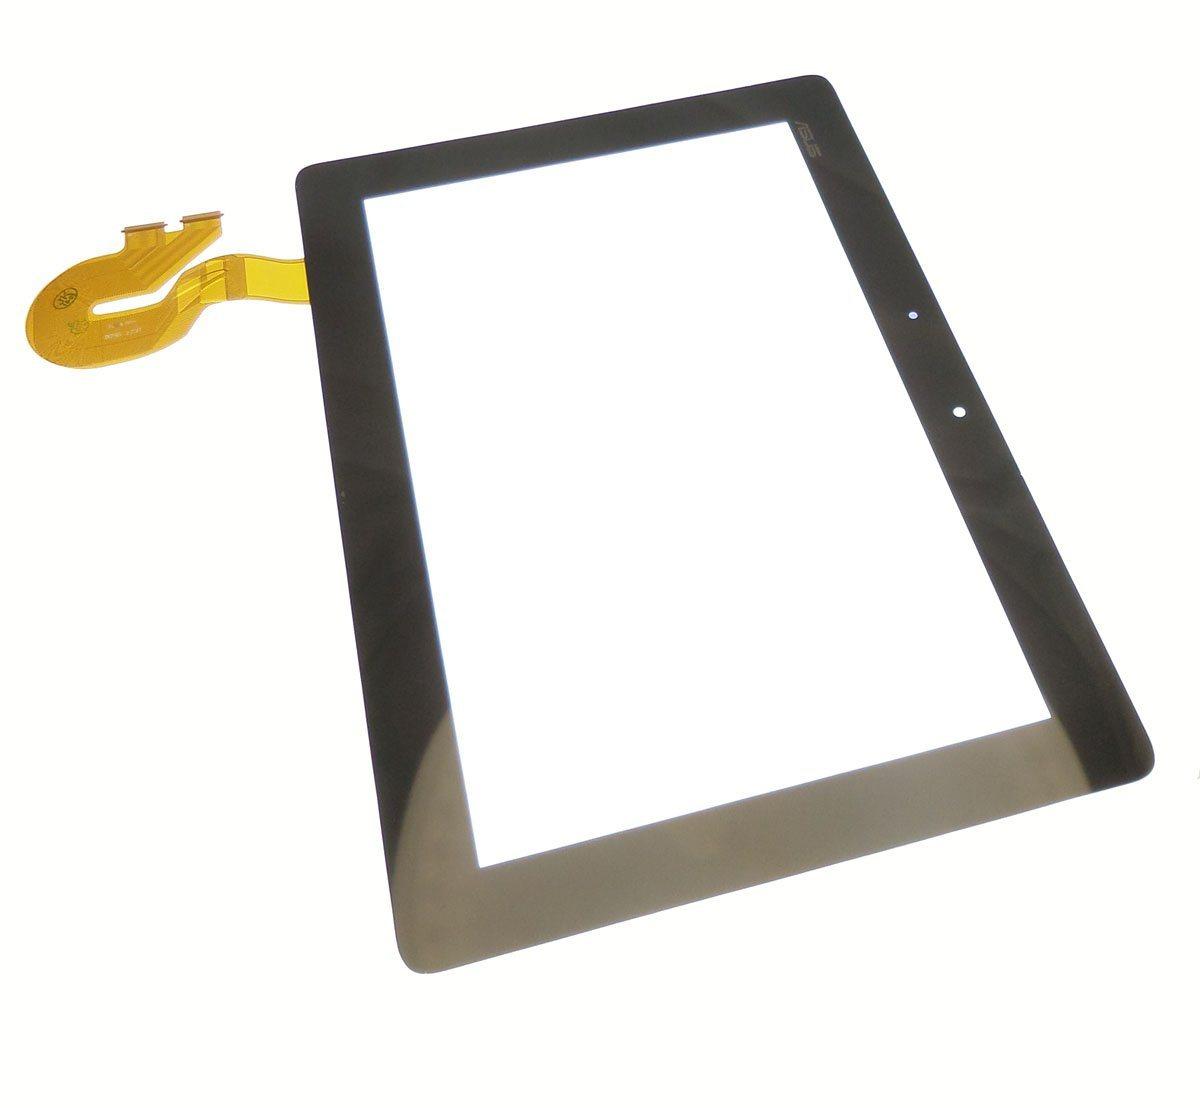 Vitre tactile noire version 5235N pour Asus Memo pad smart 10.1 ME301T ME301